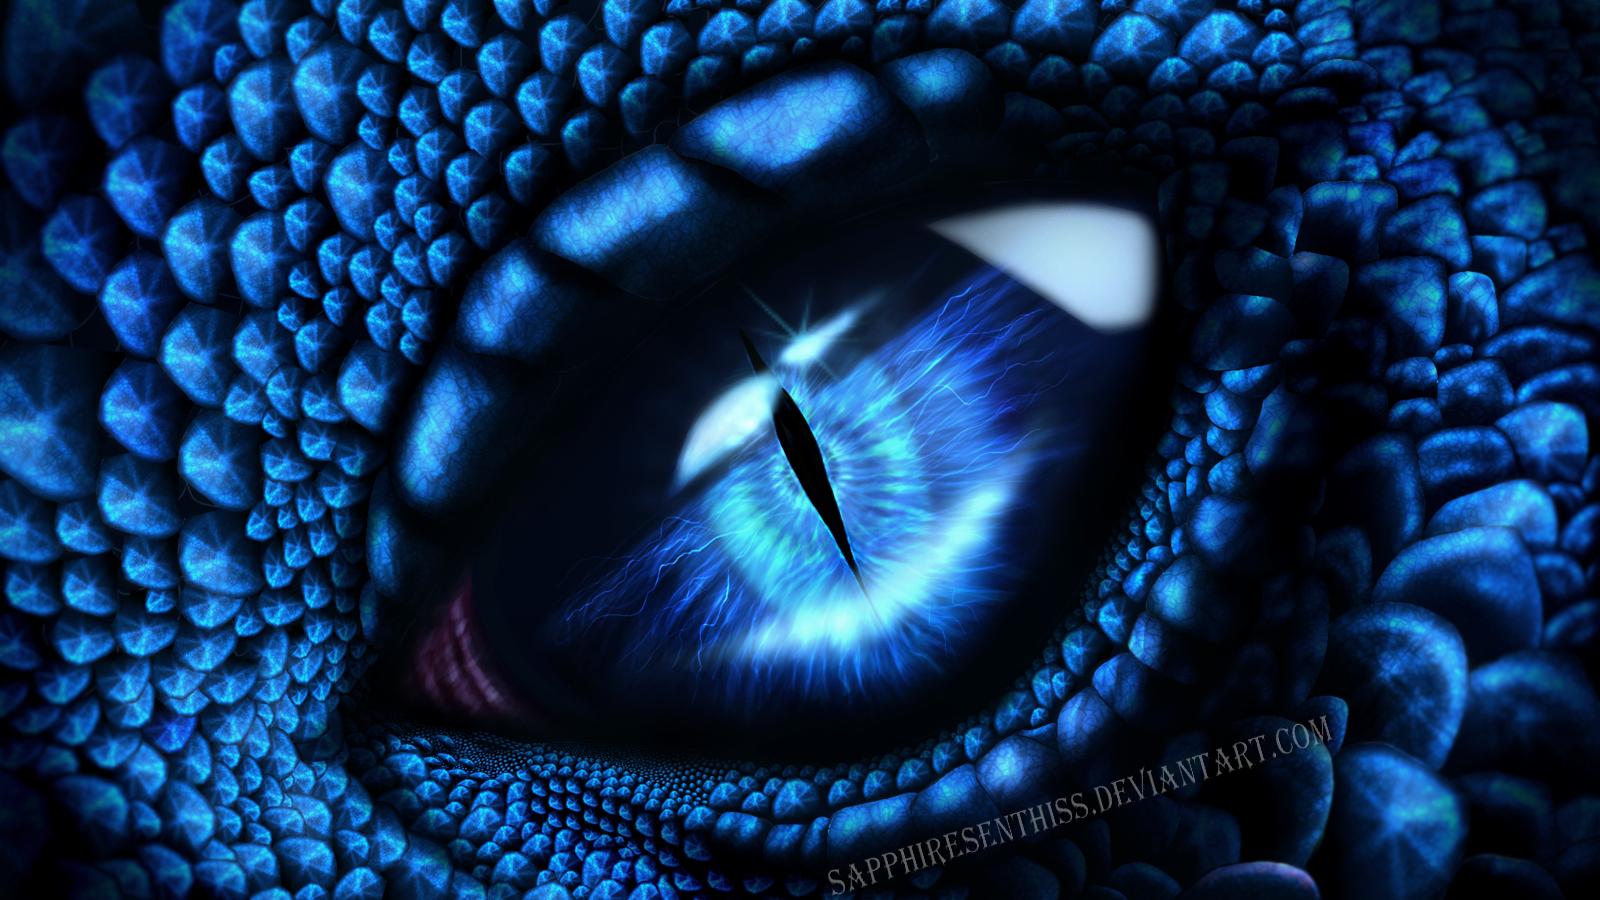 Sapphiresenthiss eye by sapphiresenthiss on deviantart - Sapphire wallpaper ...